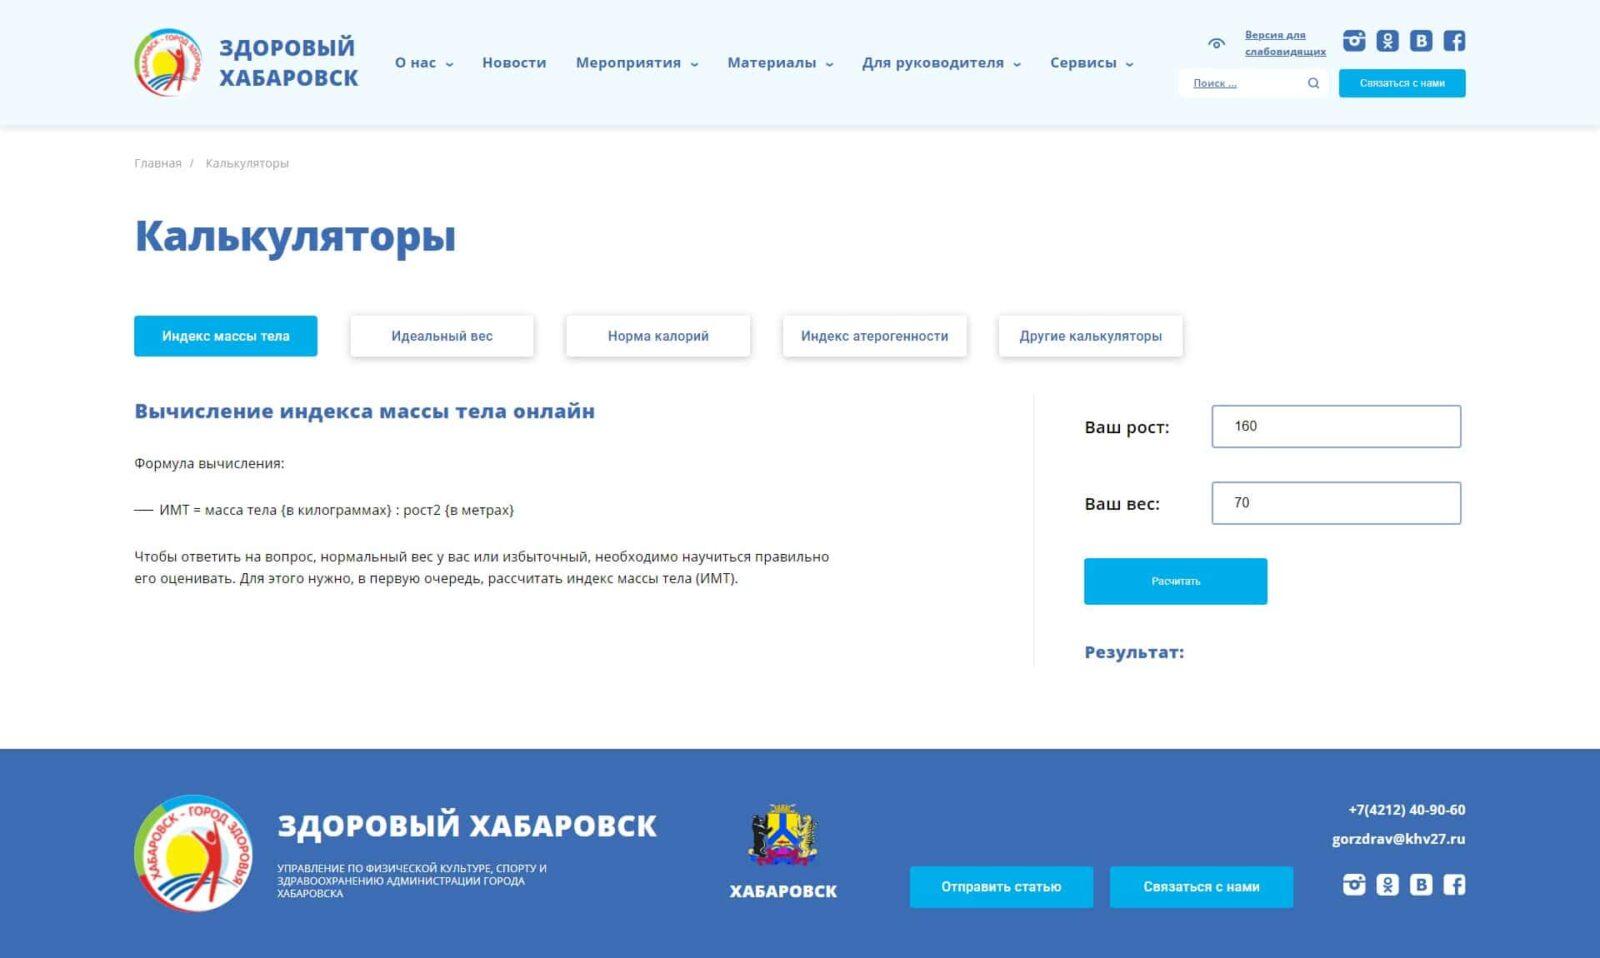 Калькуляторы Здоровый Хабаровск